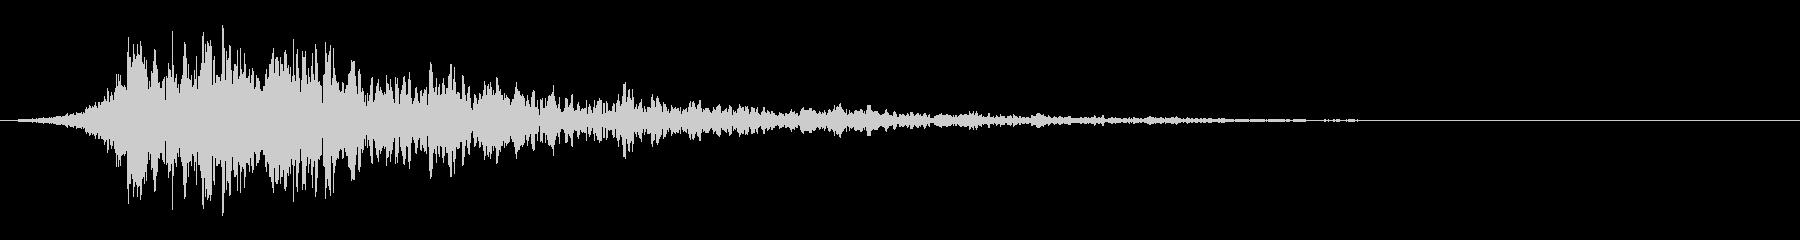 シュードーン-44-2(インパクト音)の未再生の波形